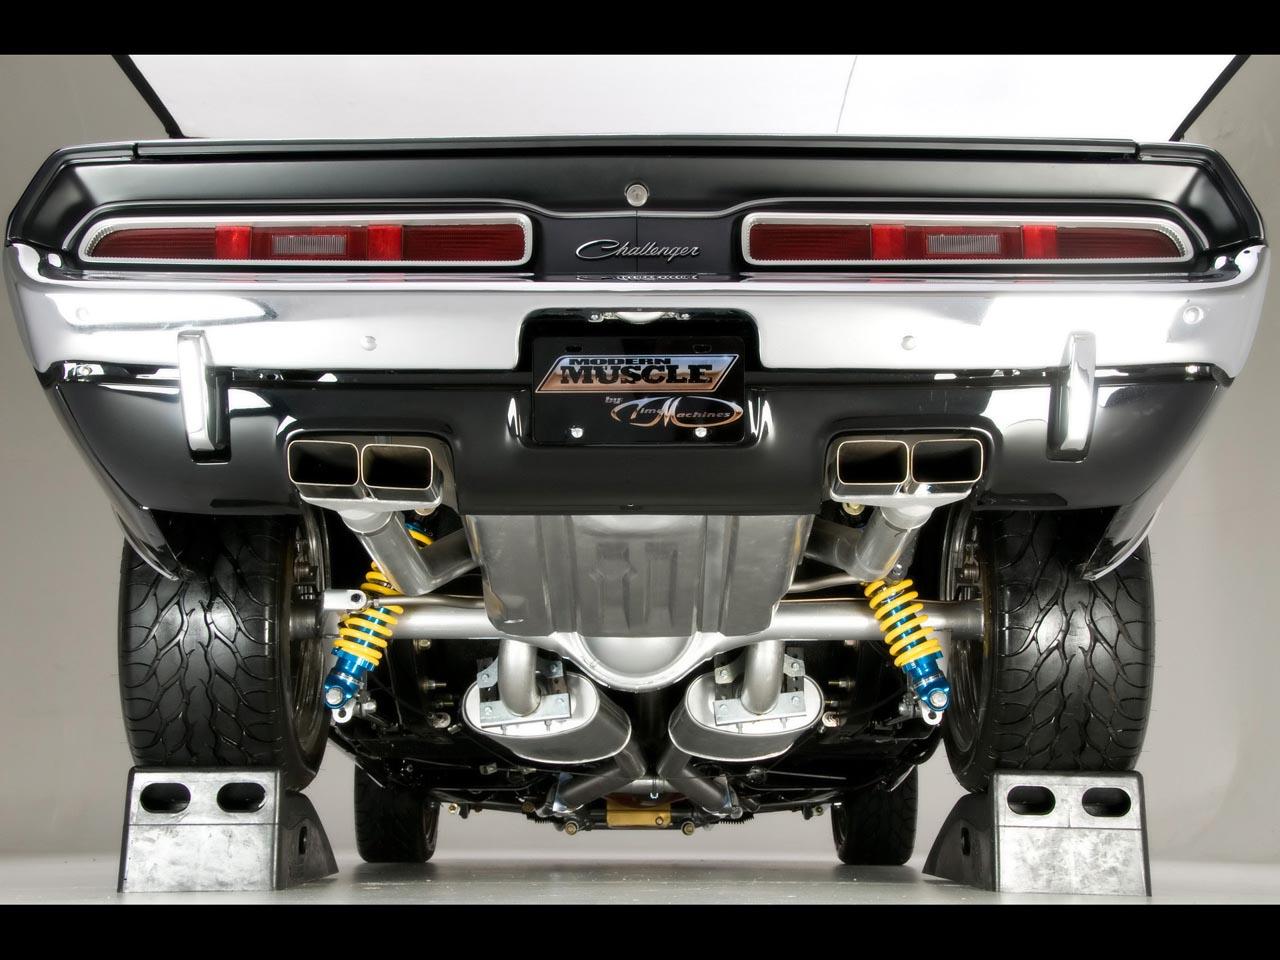 http://4.bp.blogspot.com/_MdfQRV6a-lU/TMsaC-kvDXI/AAAAAAAAK_c/DRkd8xtXFL8/s1600/muscle-car-wallpaper-1280x960-1.jpg